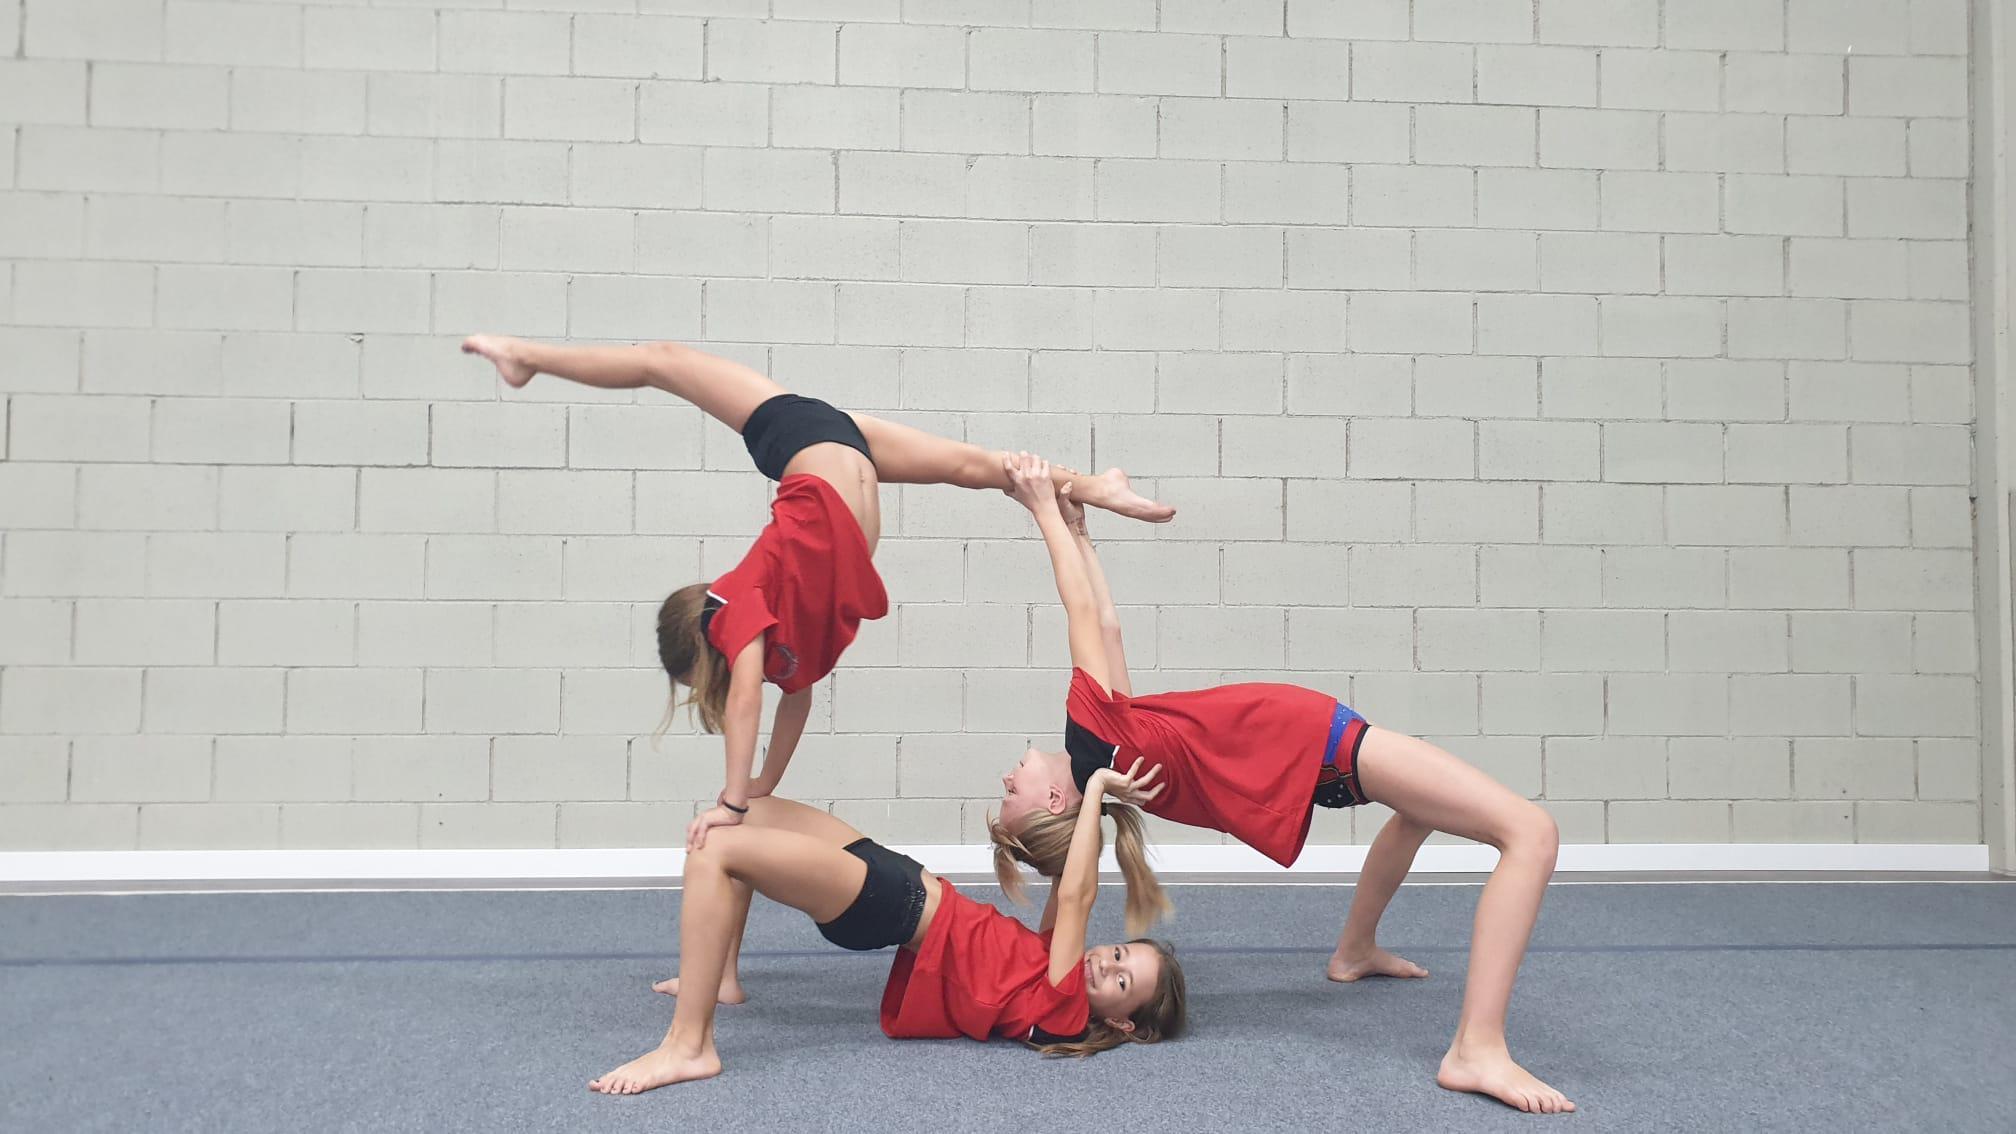 sala de acrobatica deportiva